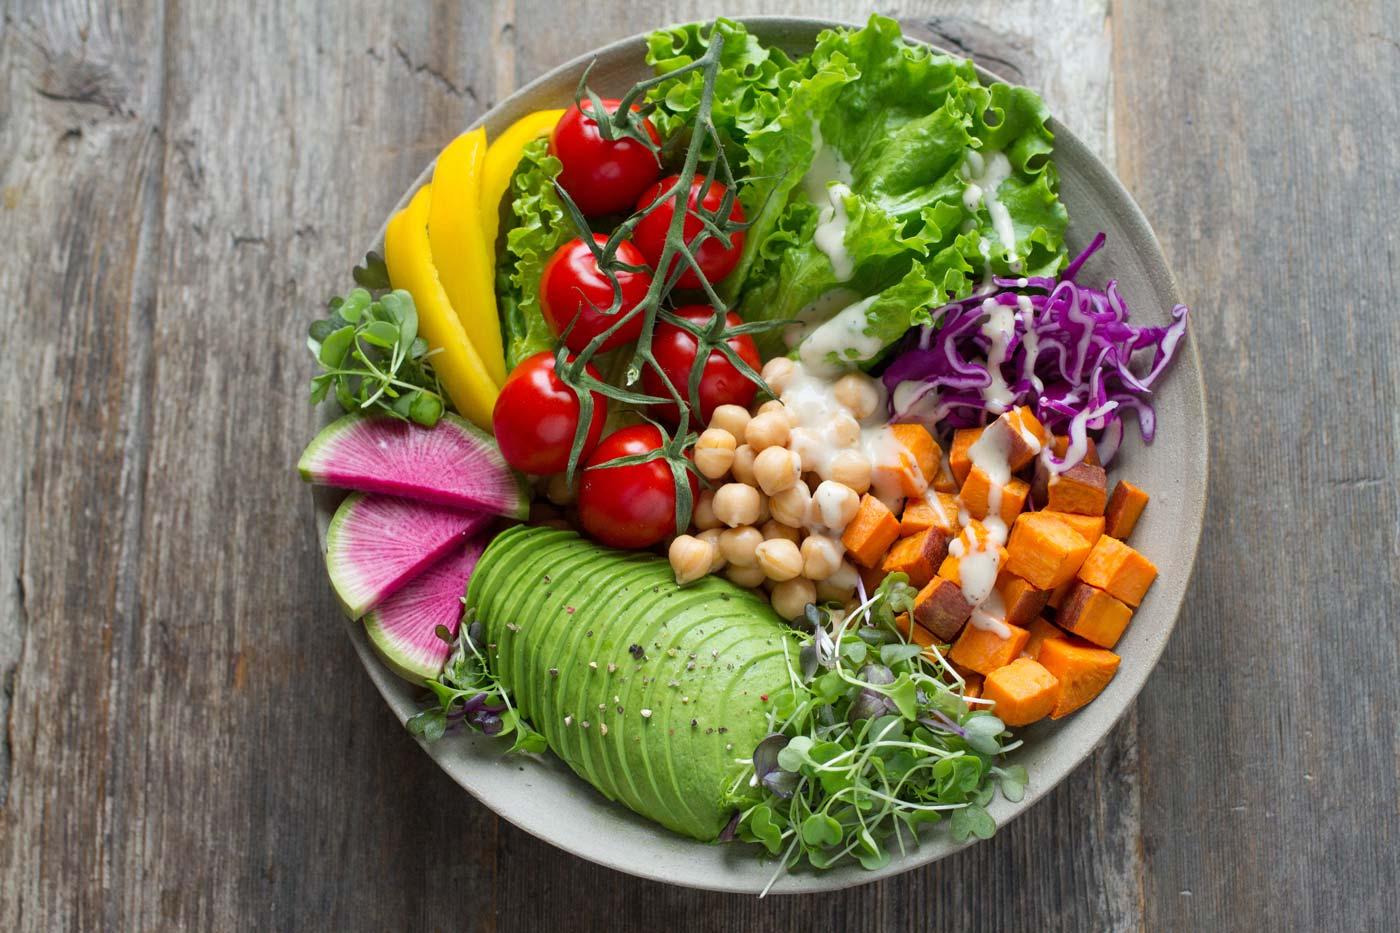 واقعیت های جالب درباره گیاه خواری